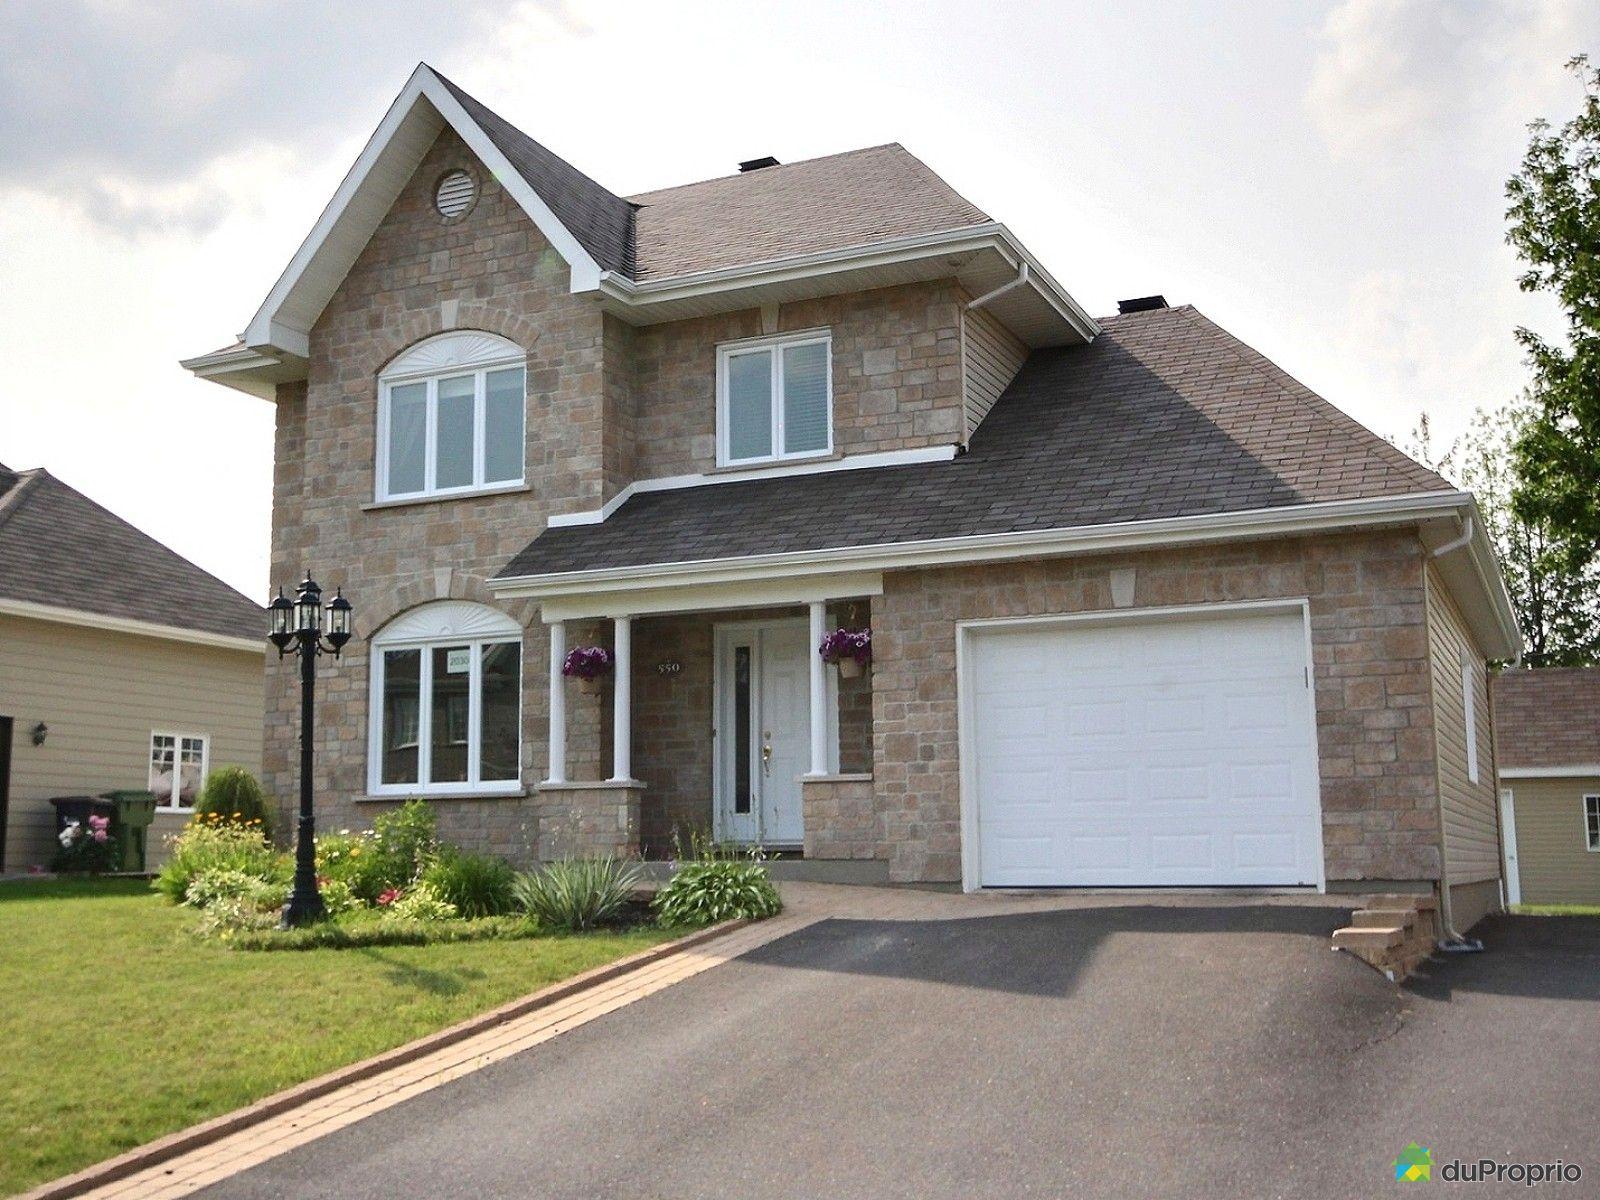 maison vendre st r dempteur 2030 rue des colombes immobilier qu bec duproprio 624627. Black Bedroom Furniture Sets. Home Design Ideas